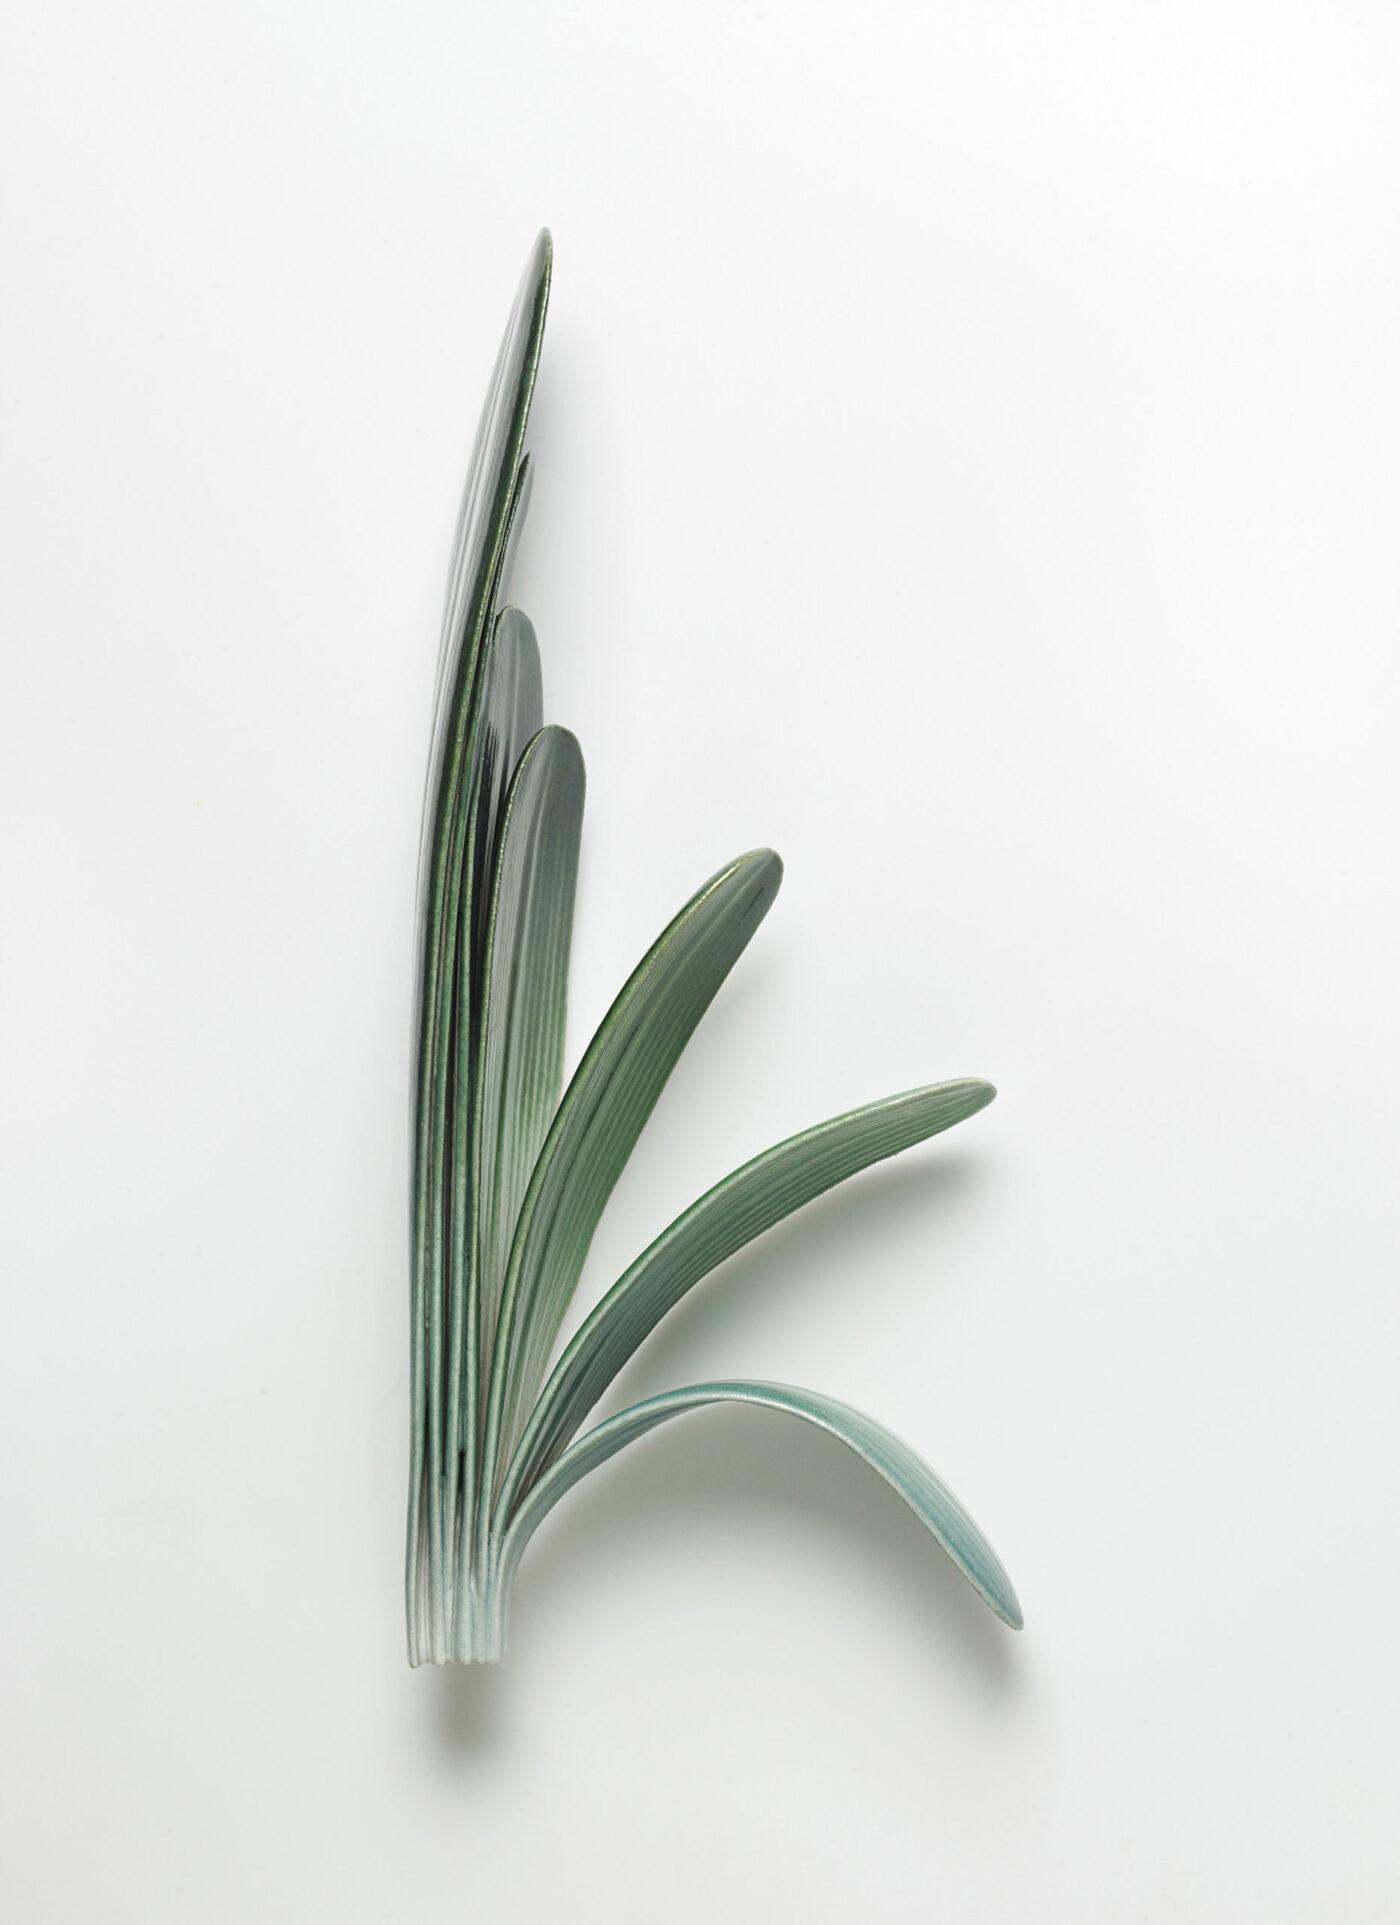 Keramiker Marianne Nielsen - Klivia, 2018